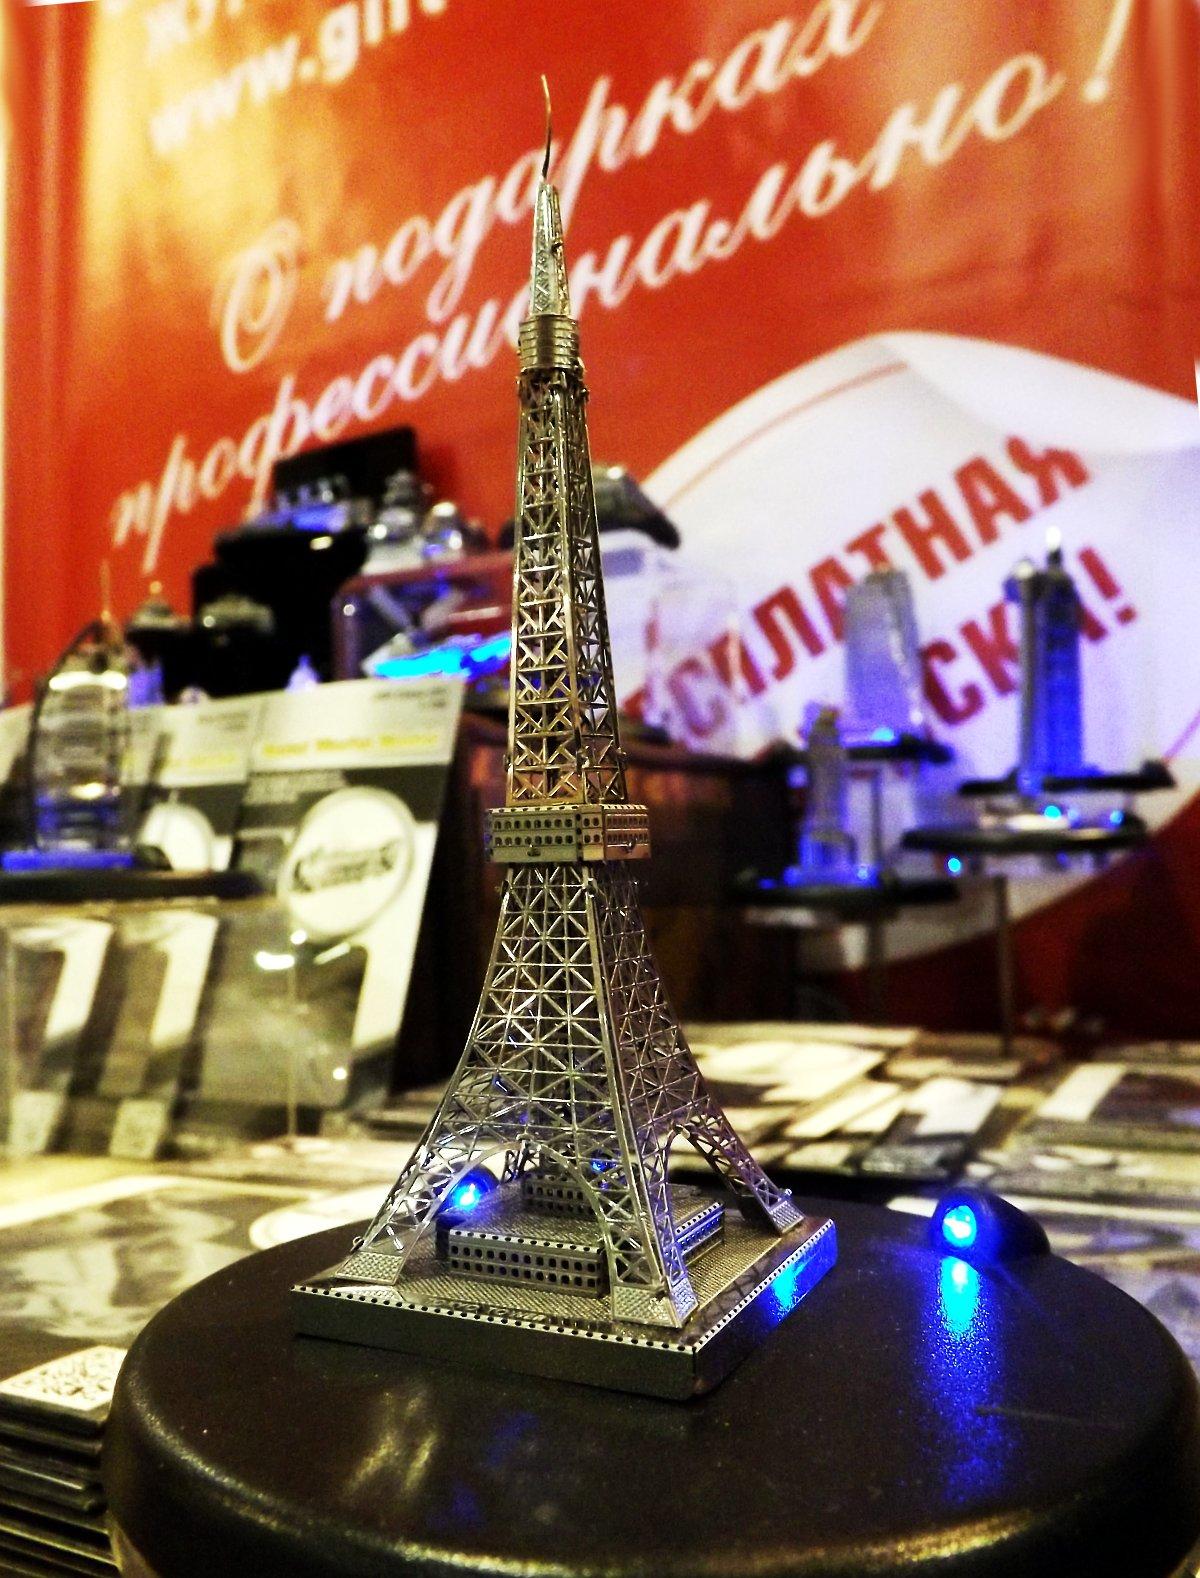 Сборные сувенирные модели из металла, обработанного лазером, представленные на выставке КонсумЭкспо-Зима 2015. Вид А